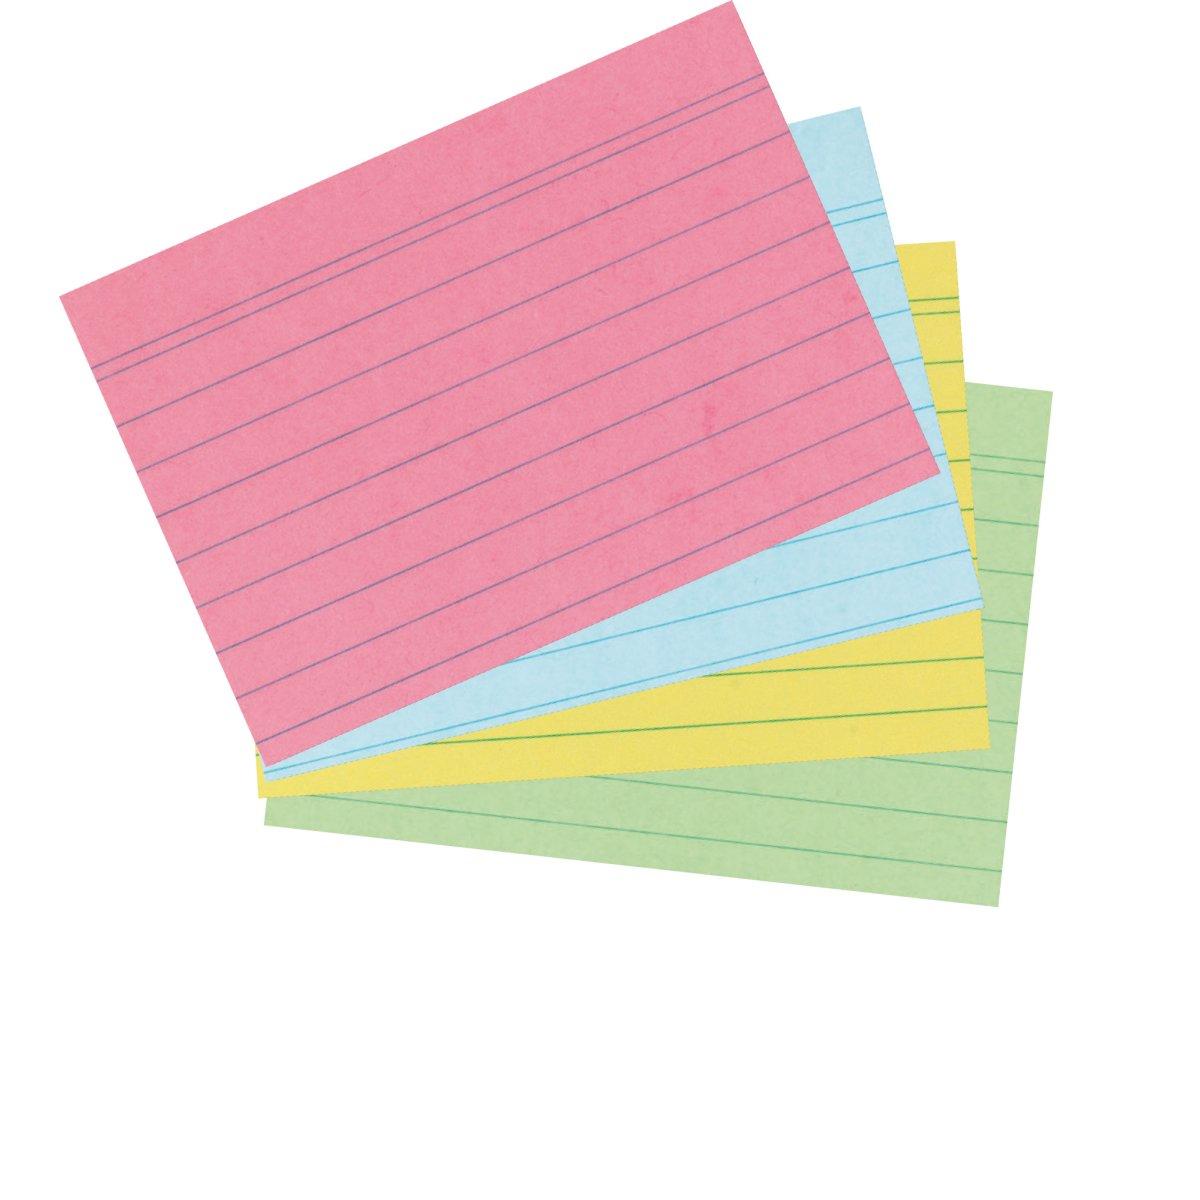 Vorschau: Herlitz 10836245 - Blau - Grün - Pink - Gelb - 200 Stück(e)